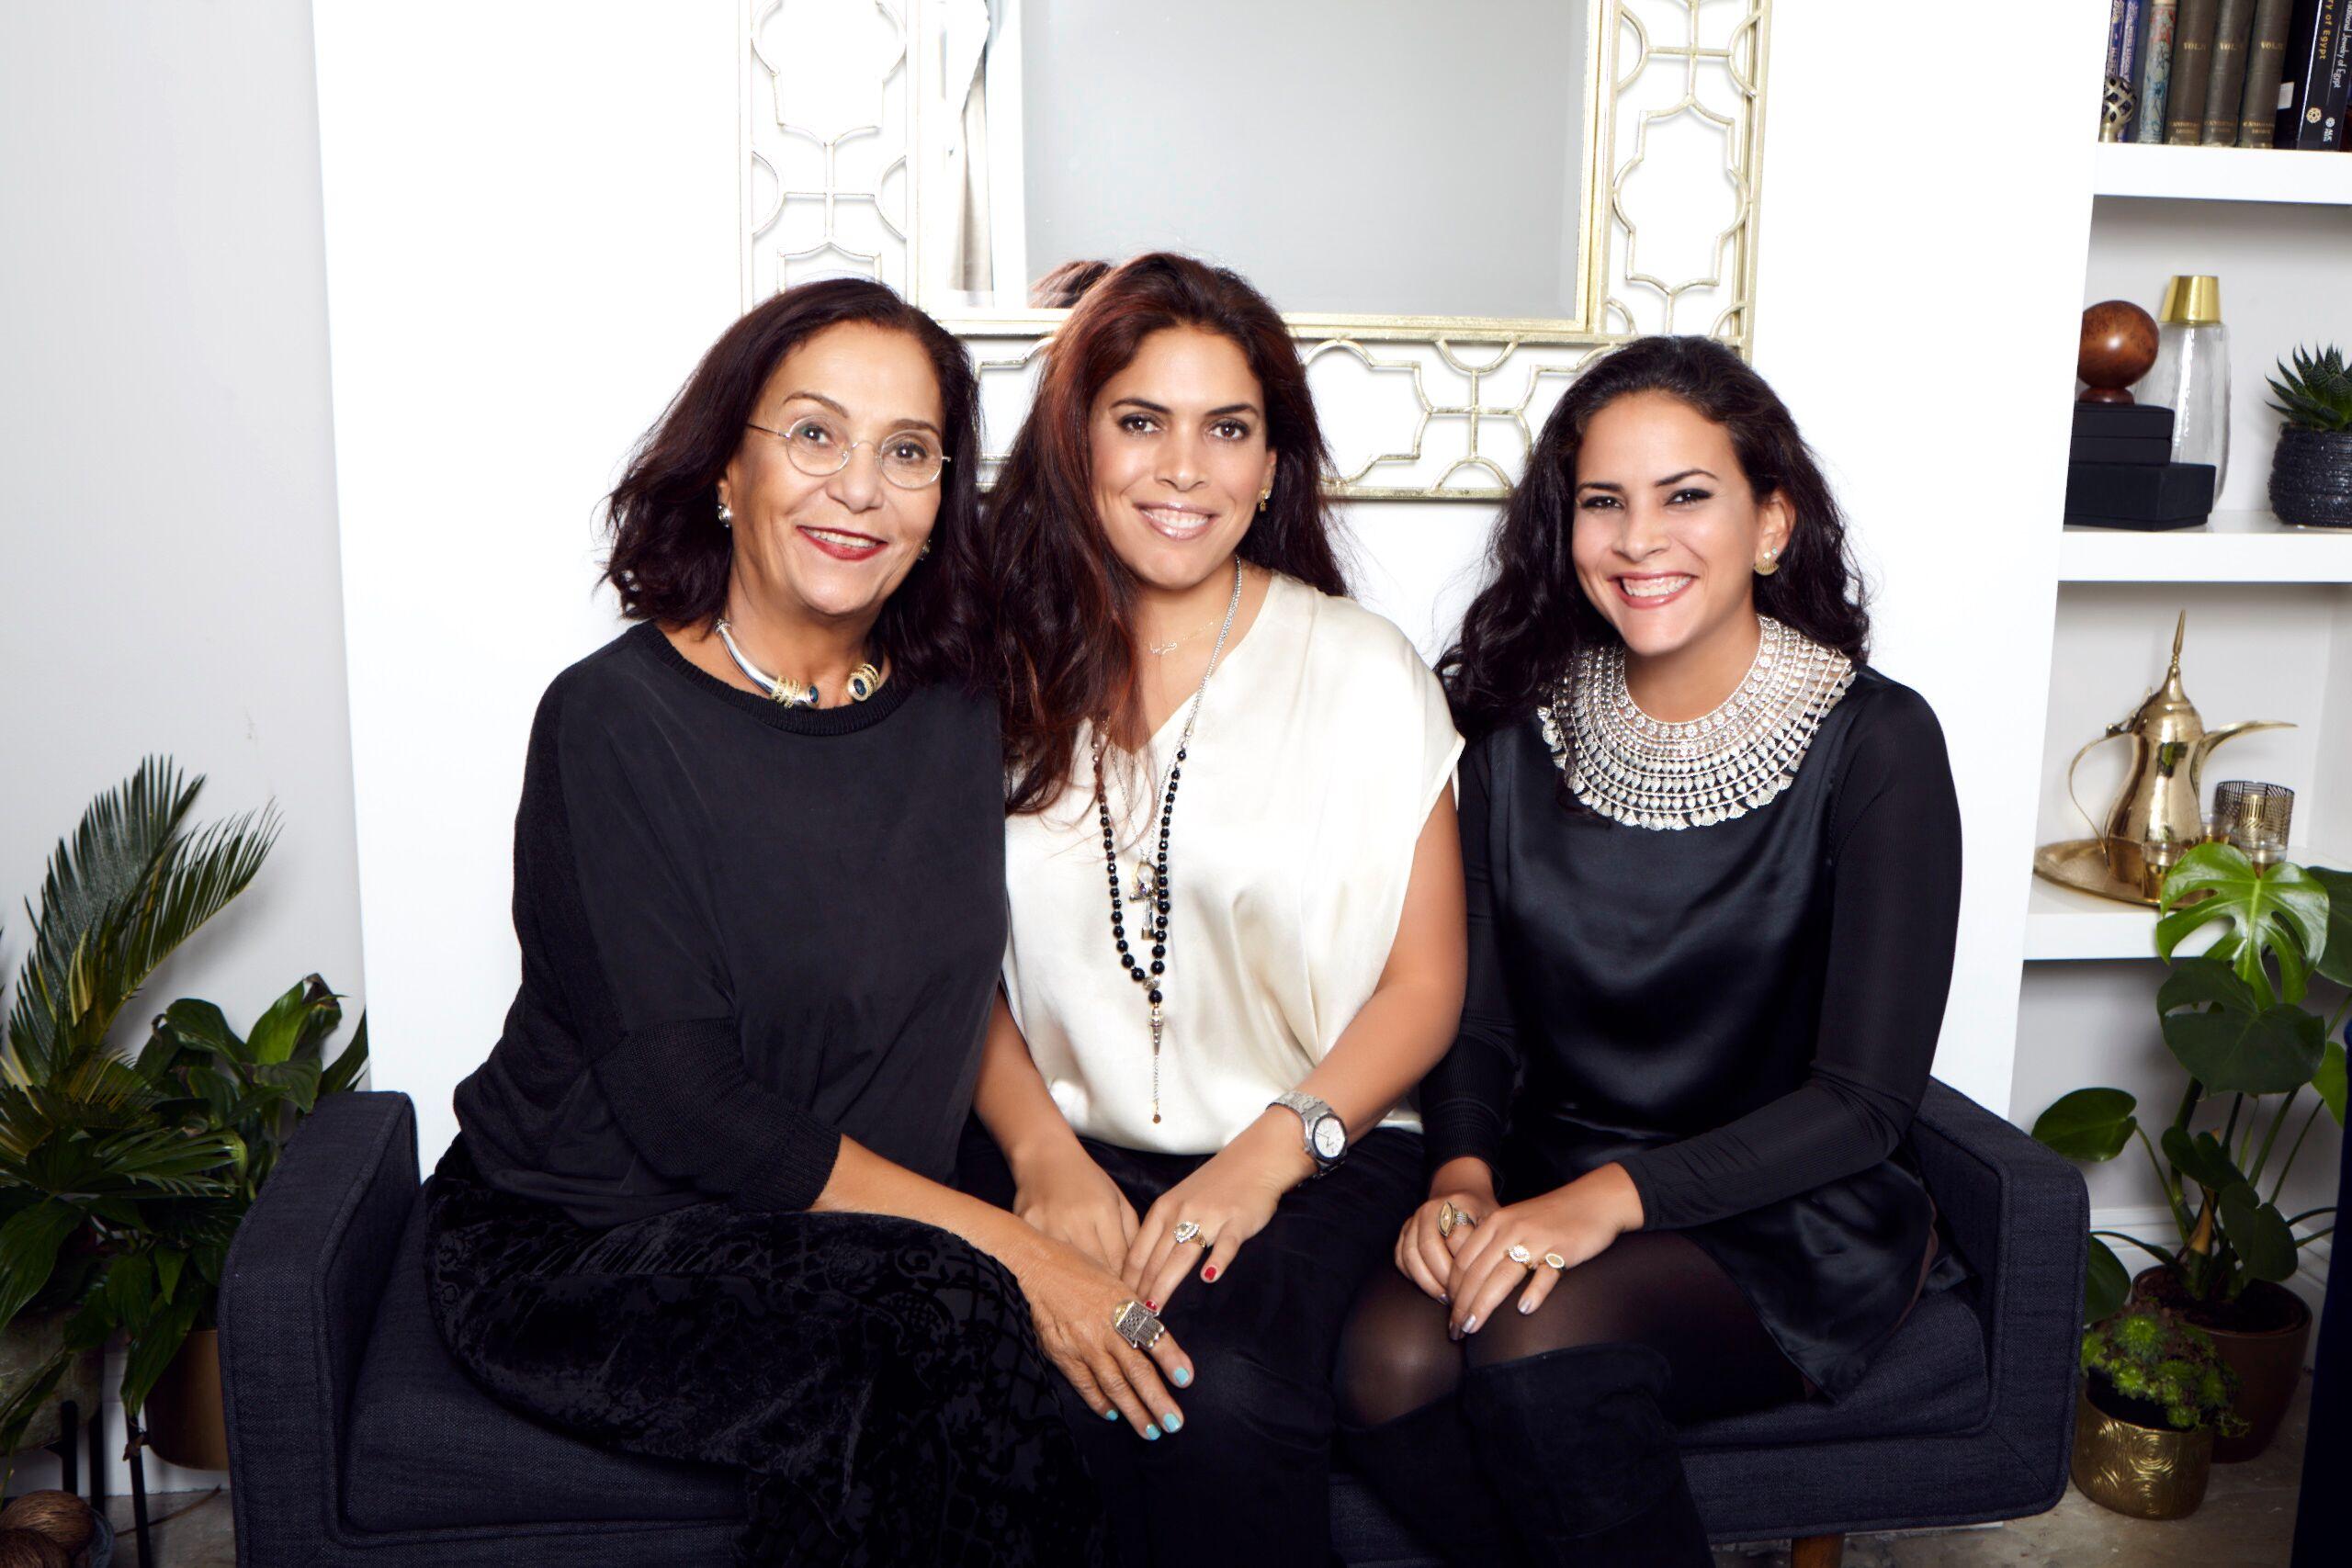 Azza Fahmy, Amina & Fatima Ghali